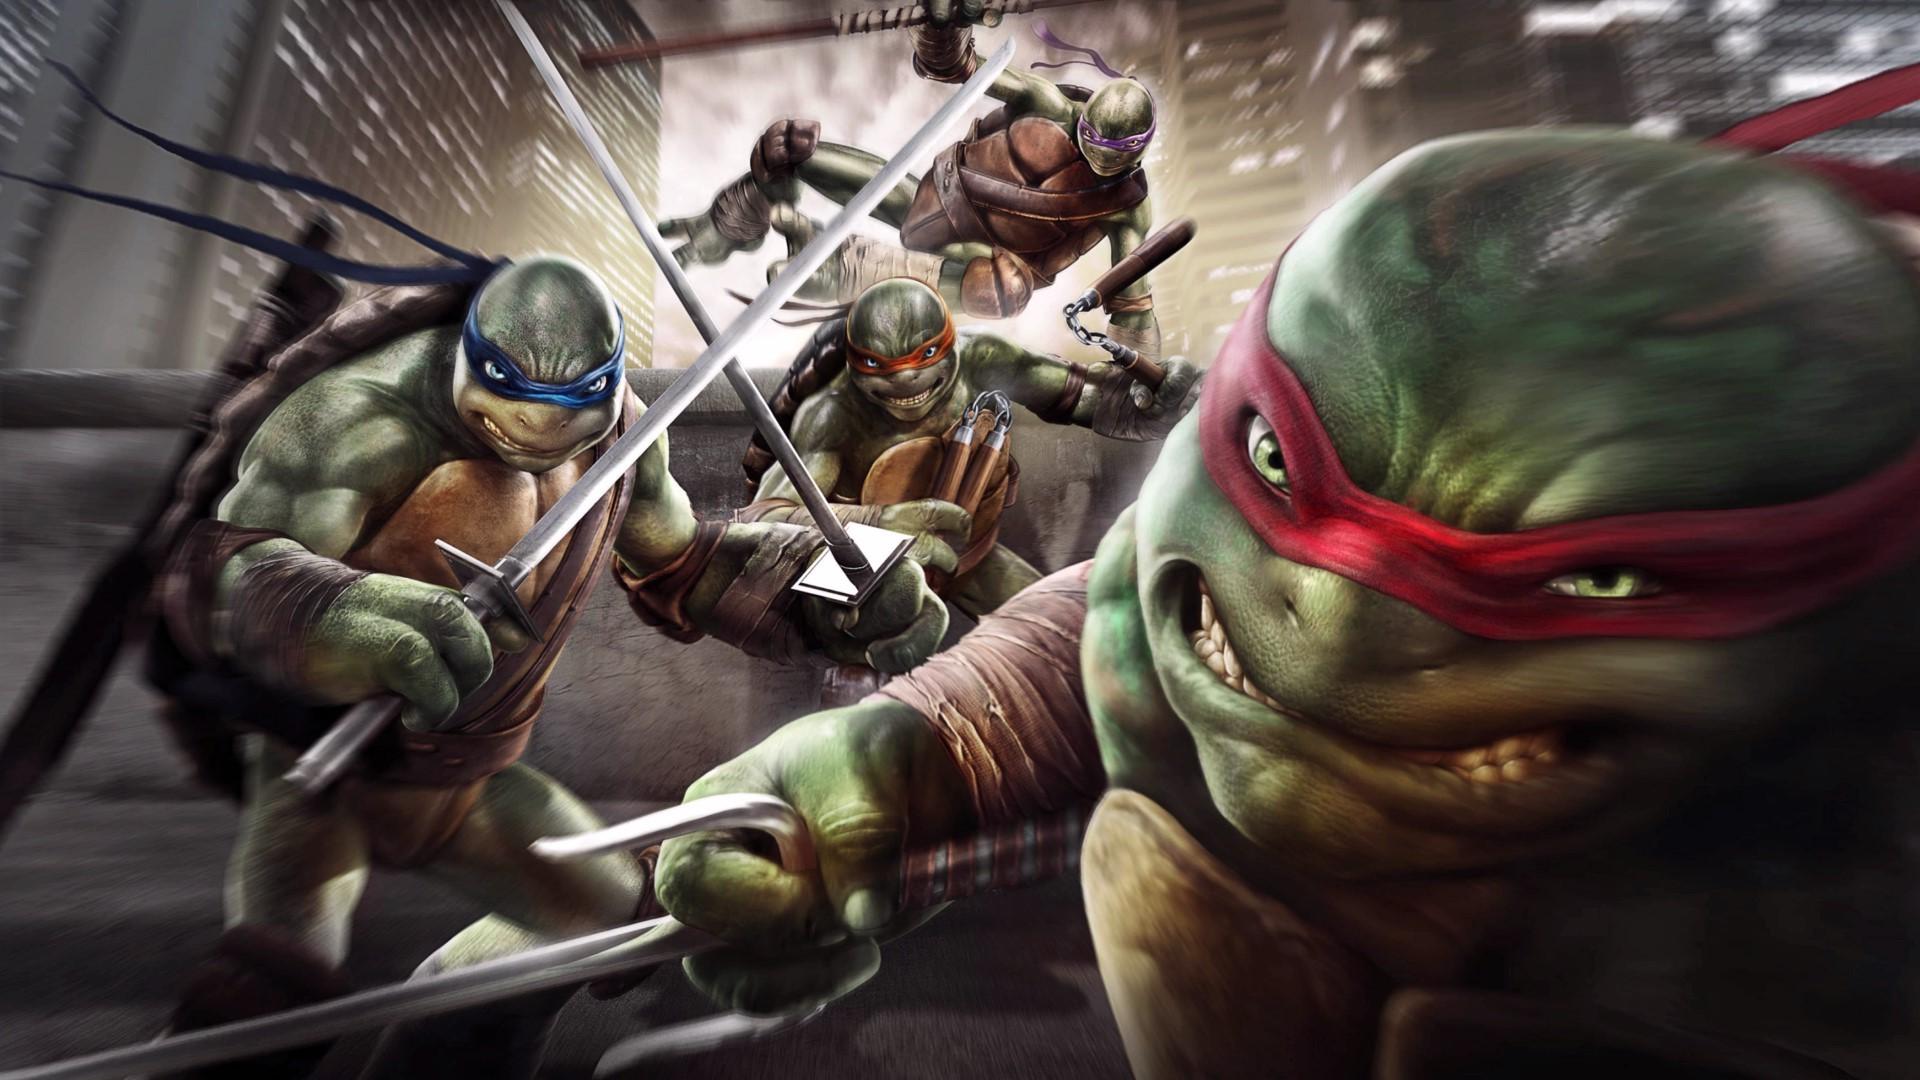 2014-Teenage-Mutant-Ninja-Turtles-Movie.jpg